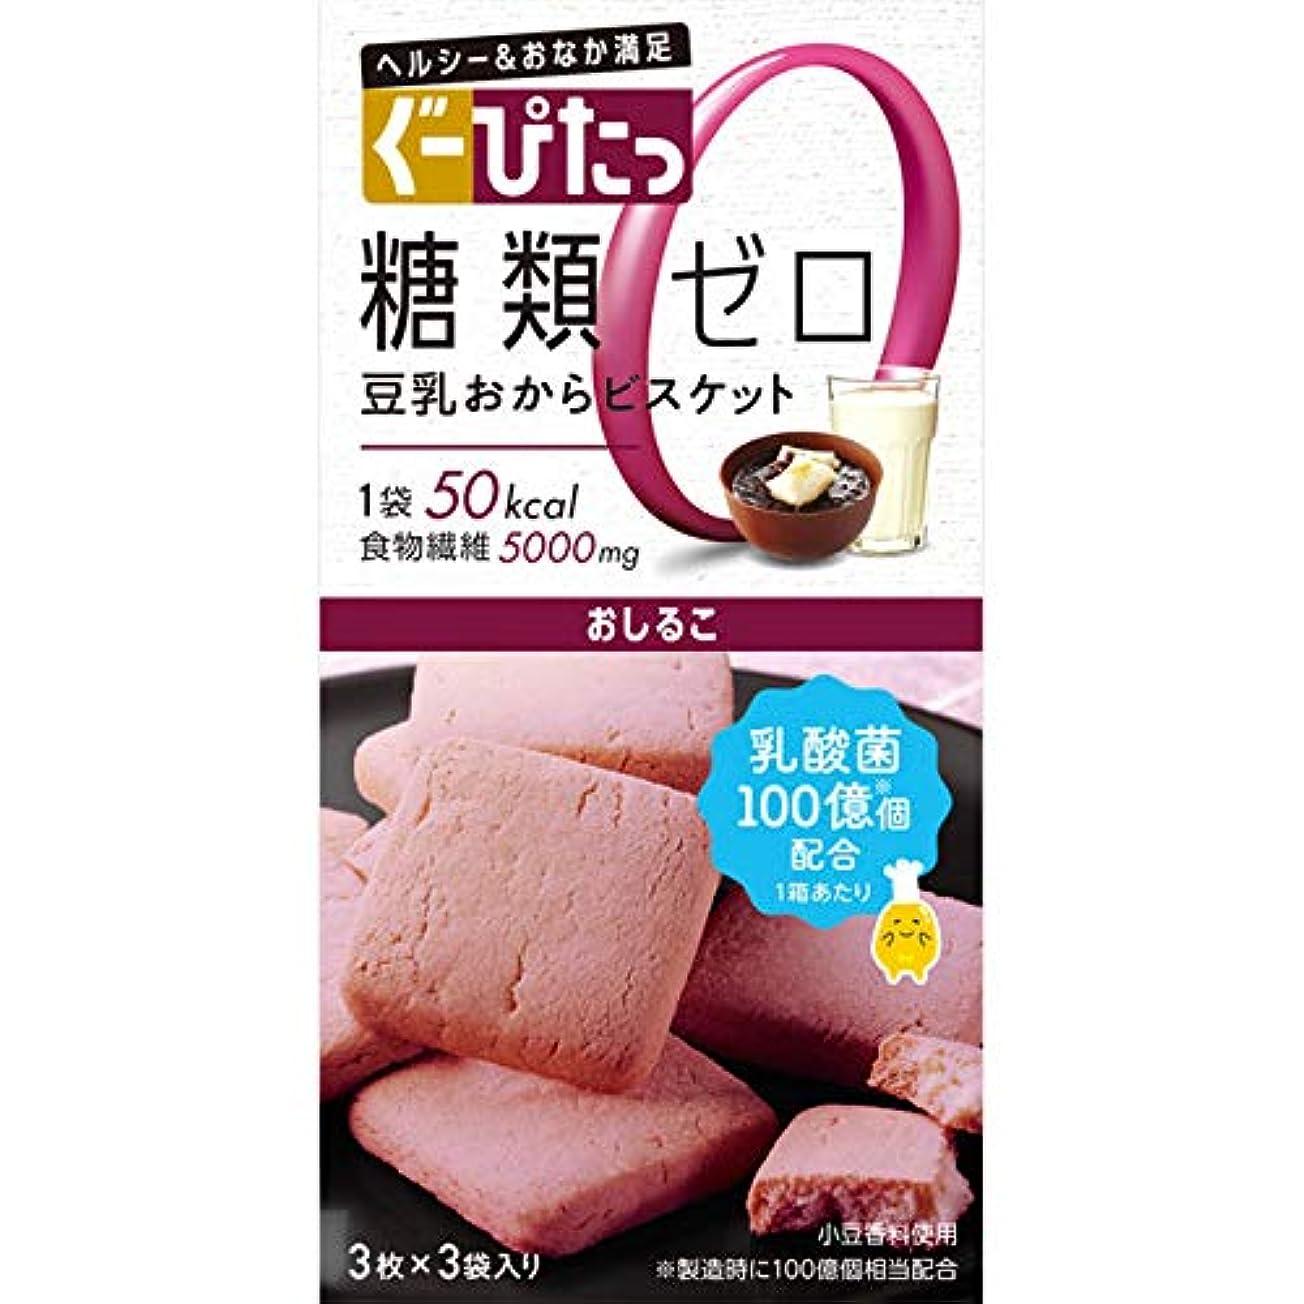 外側書道ガイドラインナリスアップ ぐーぴたっ 豆乳おからビスケット おしるこ (3枚×3袋) ダイエット食品